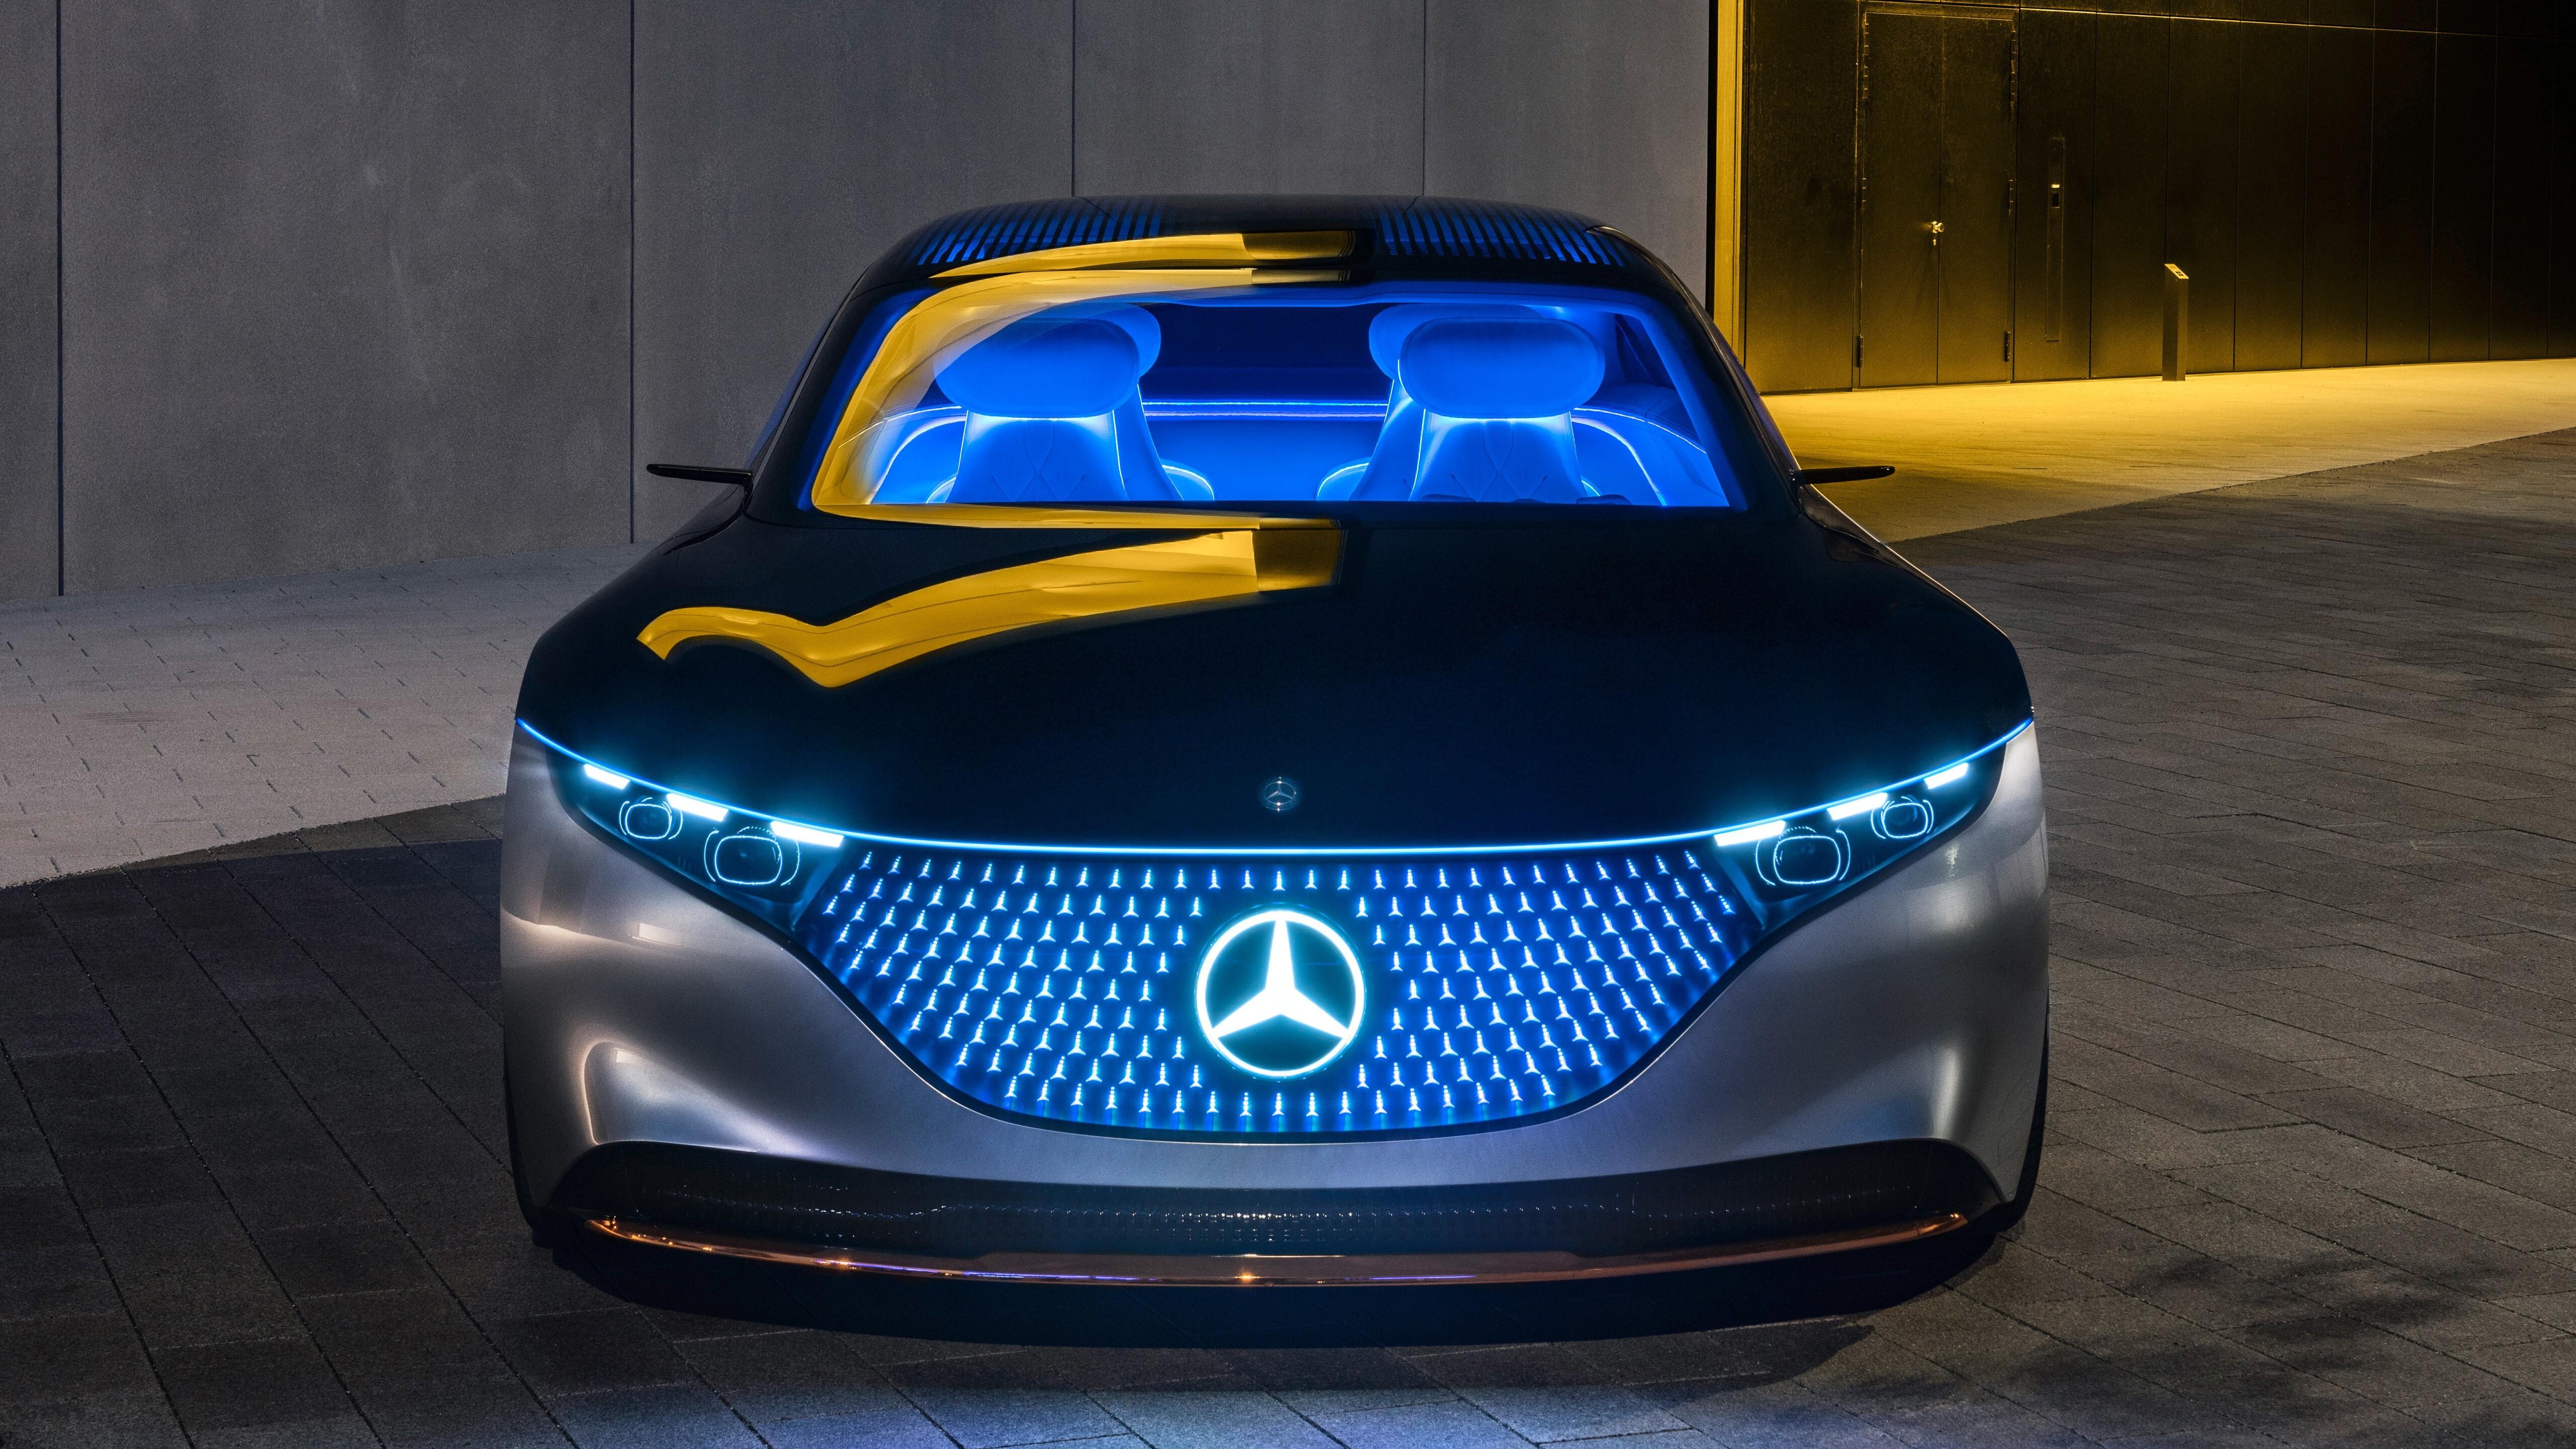 5K Wallpaper of 2019 Mercedes Benz Vision Eqs Electric ...